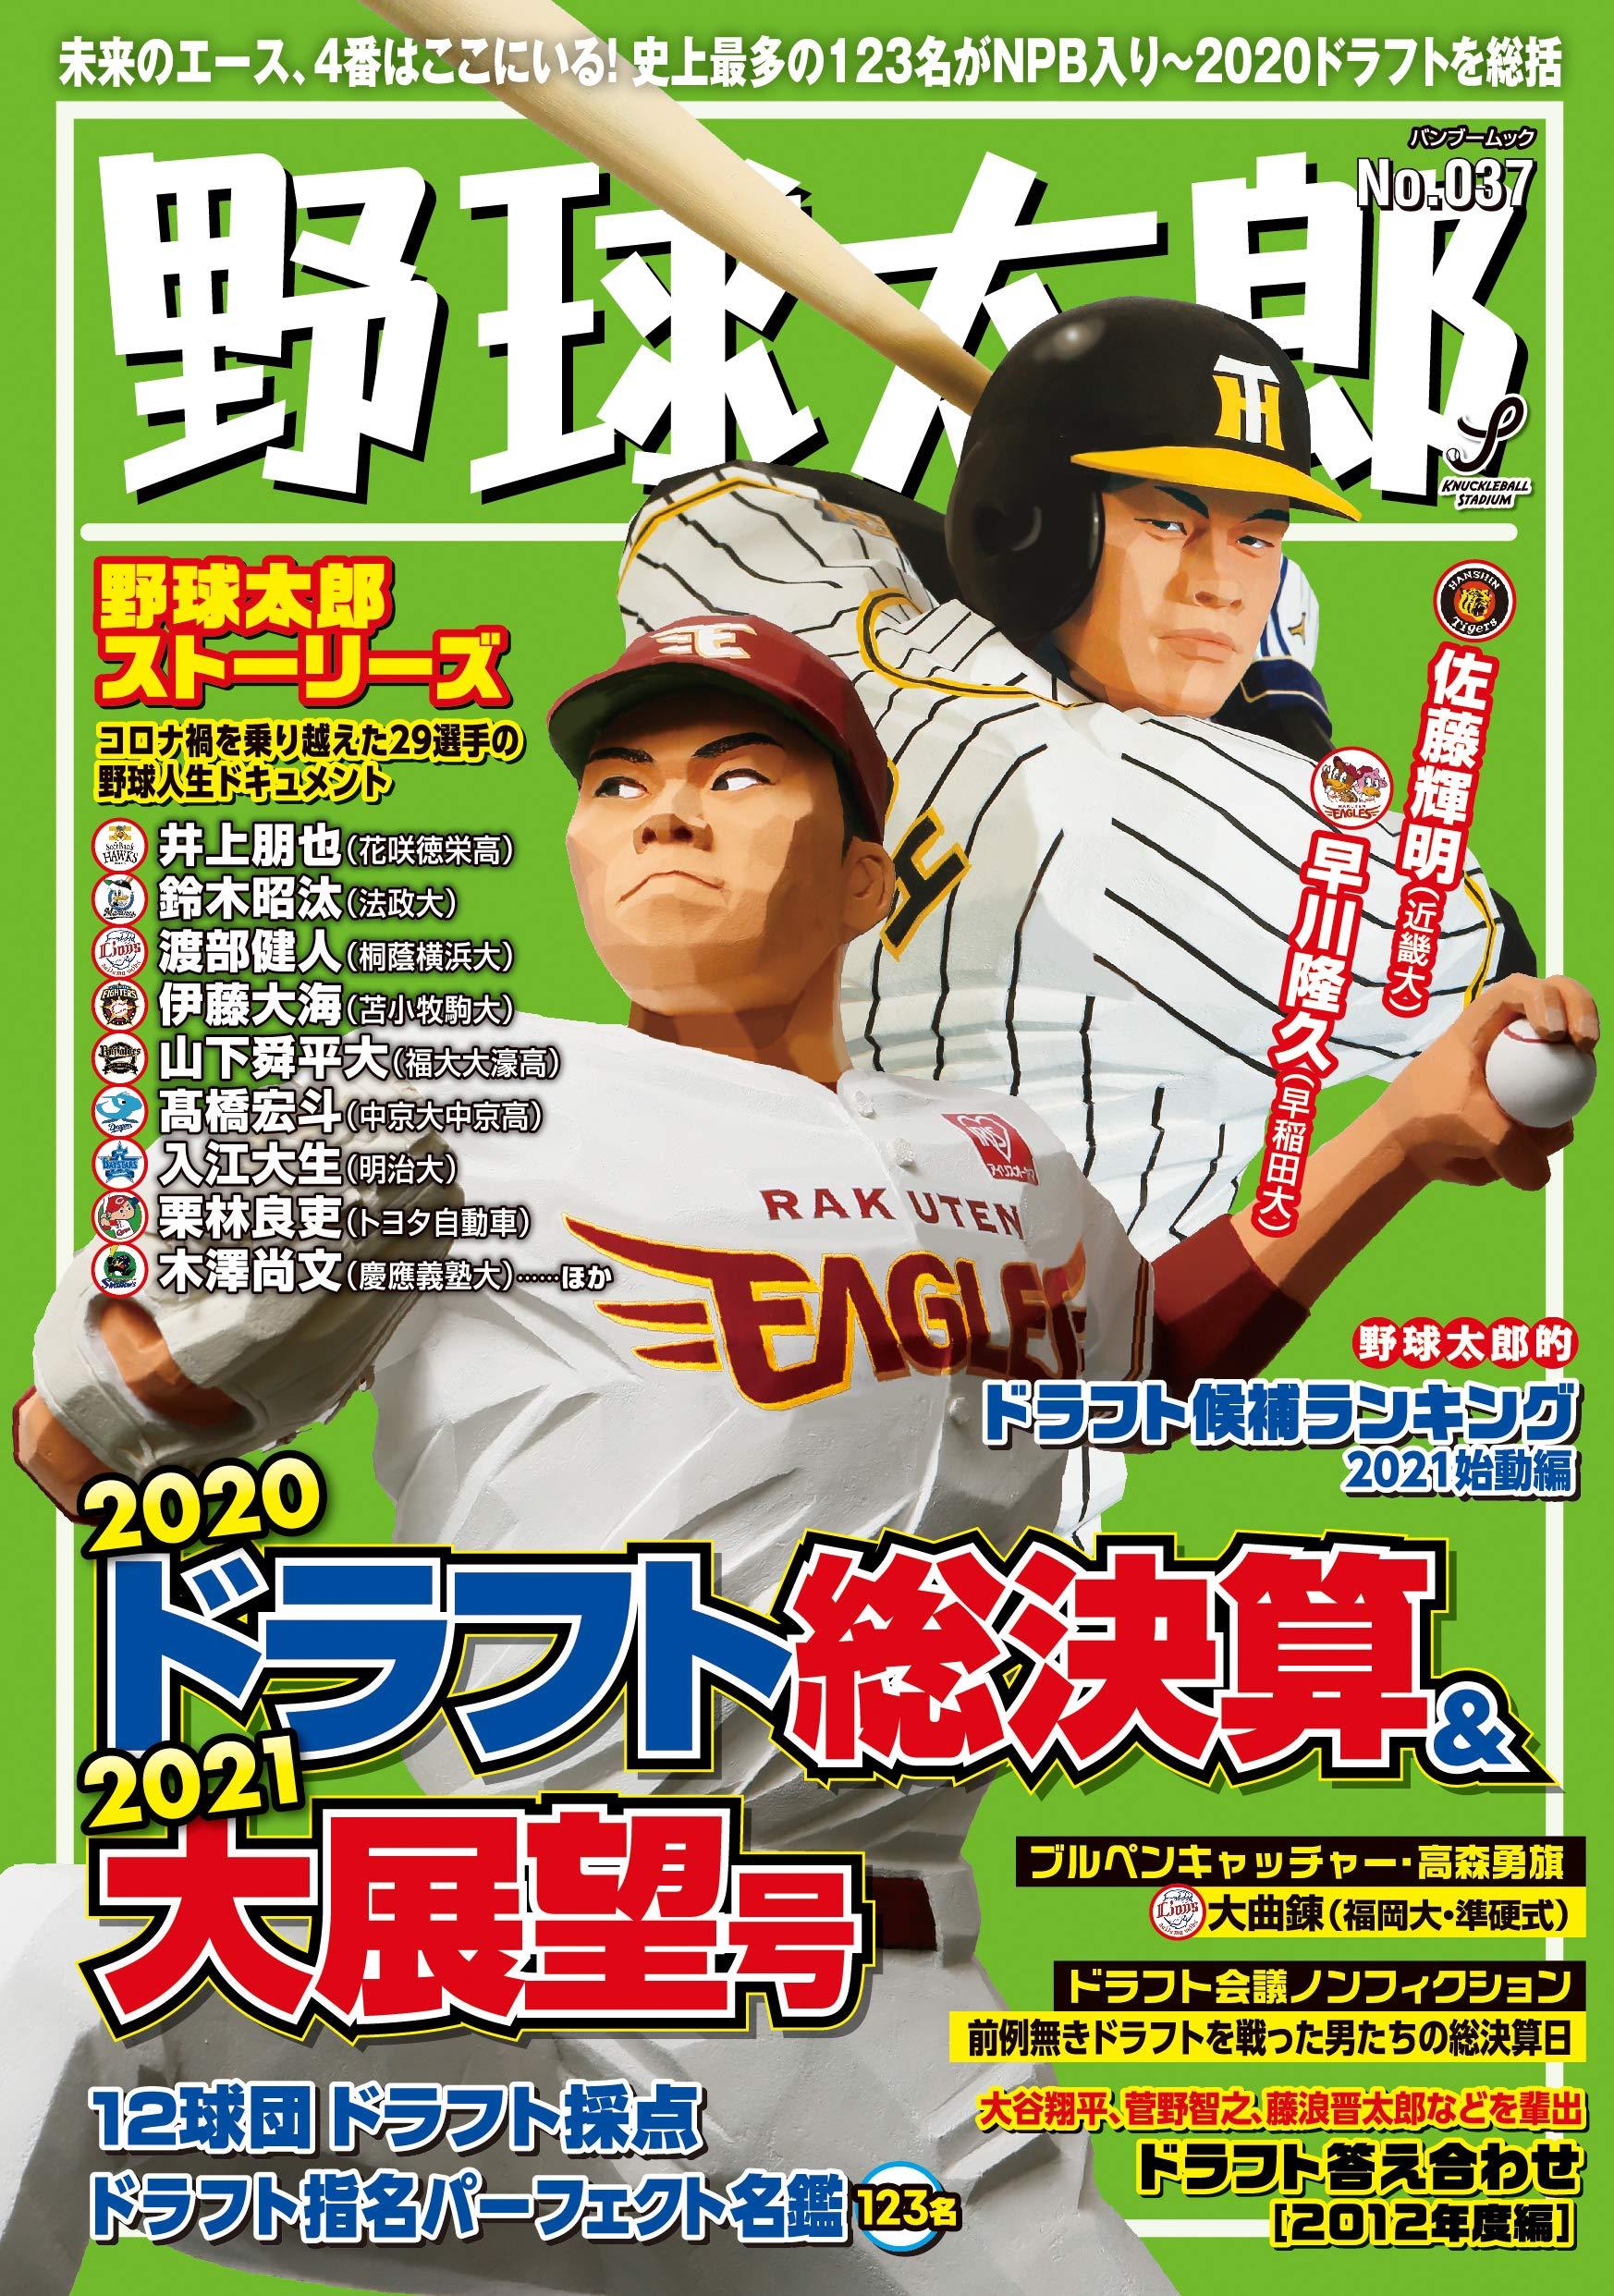 12月7日の発売日まだもう少し!『野球太郎No.037 2020ドラフト総決算&2021大展望号』